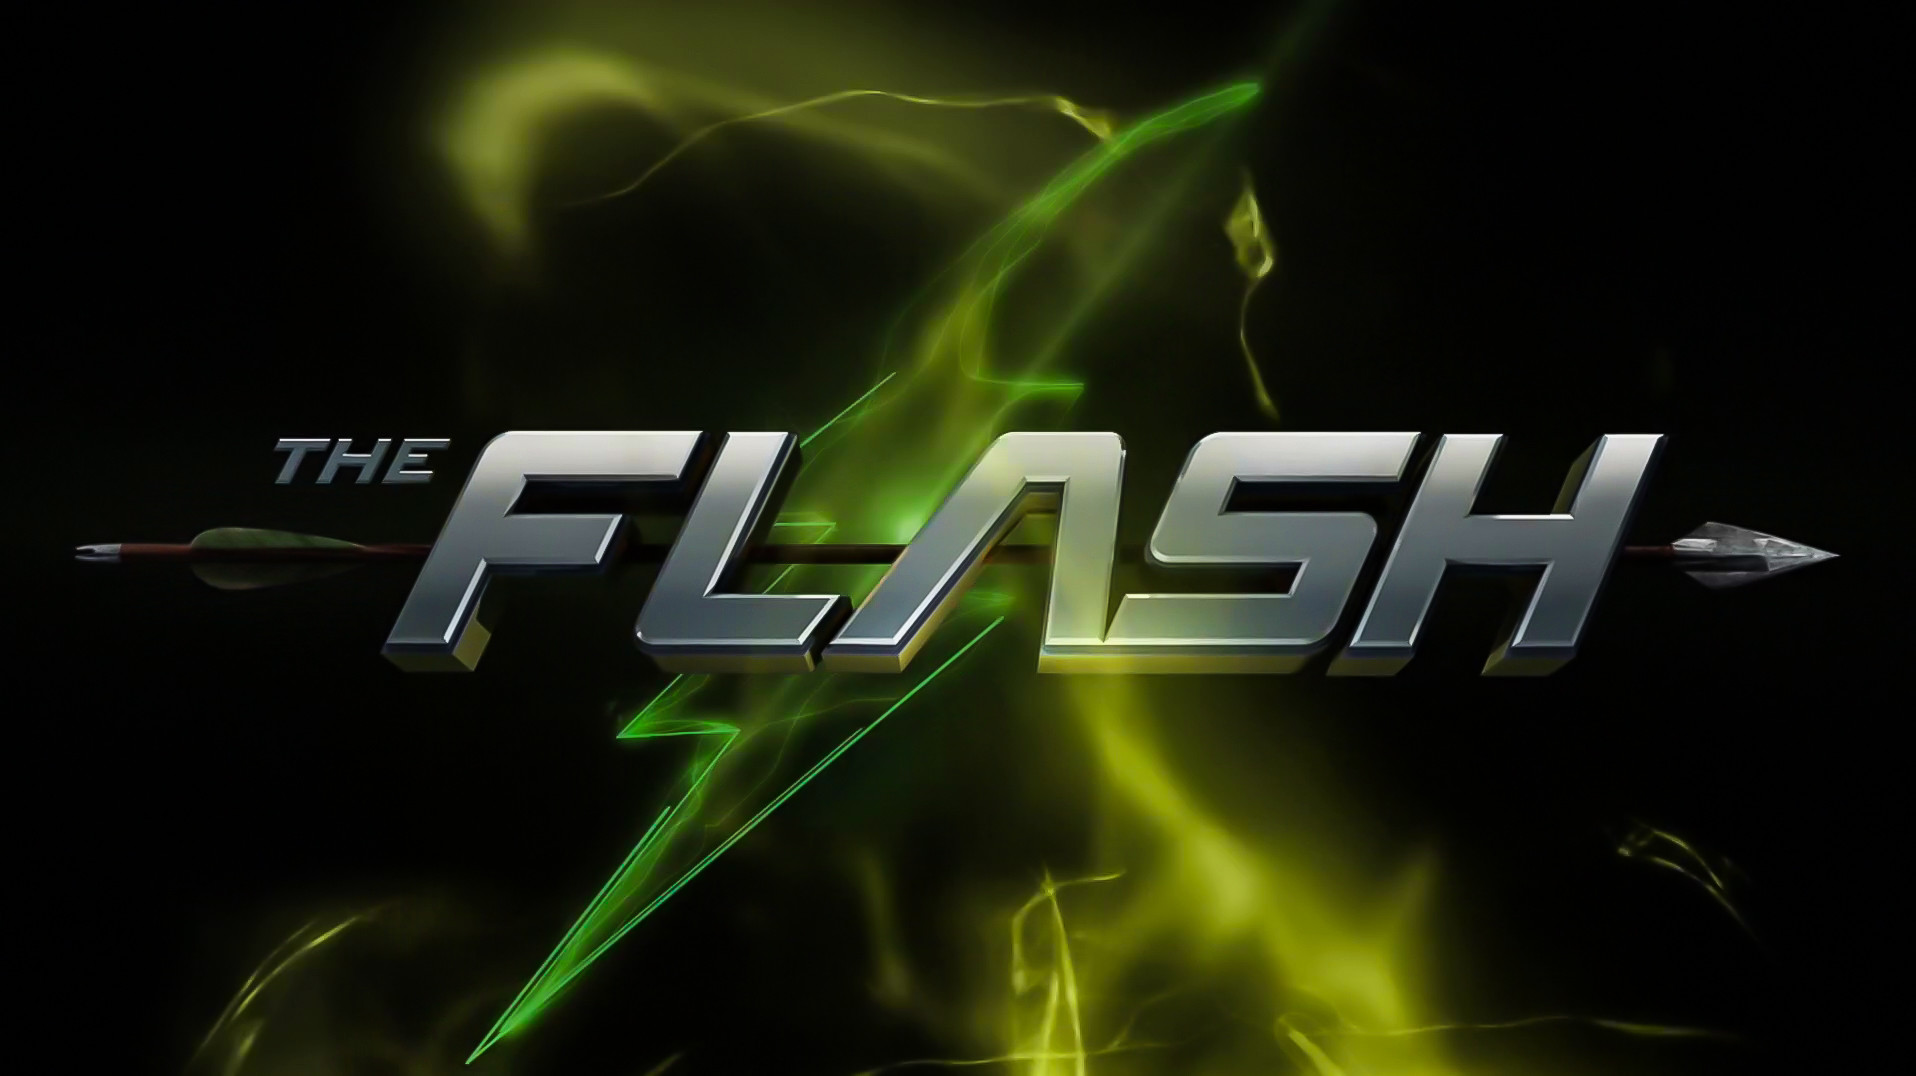 Download Flash vs Arrow HD Desktop Wallpapers We provide the best 1916x1076